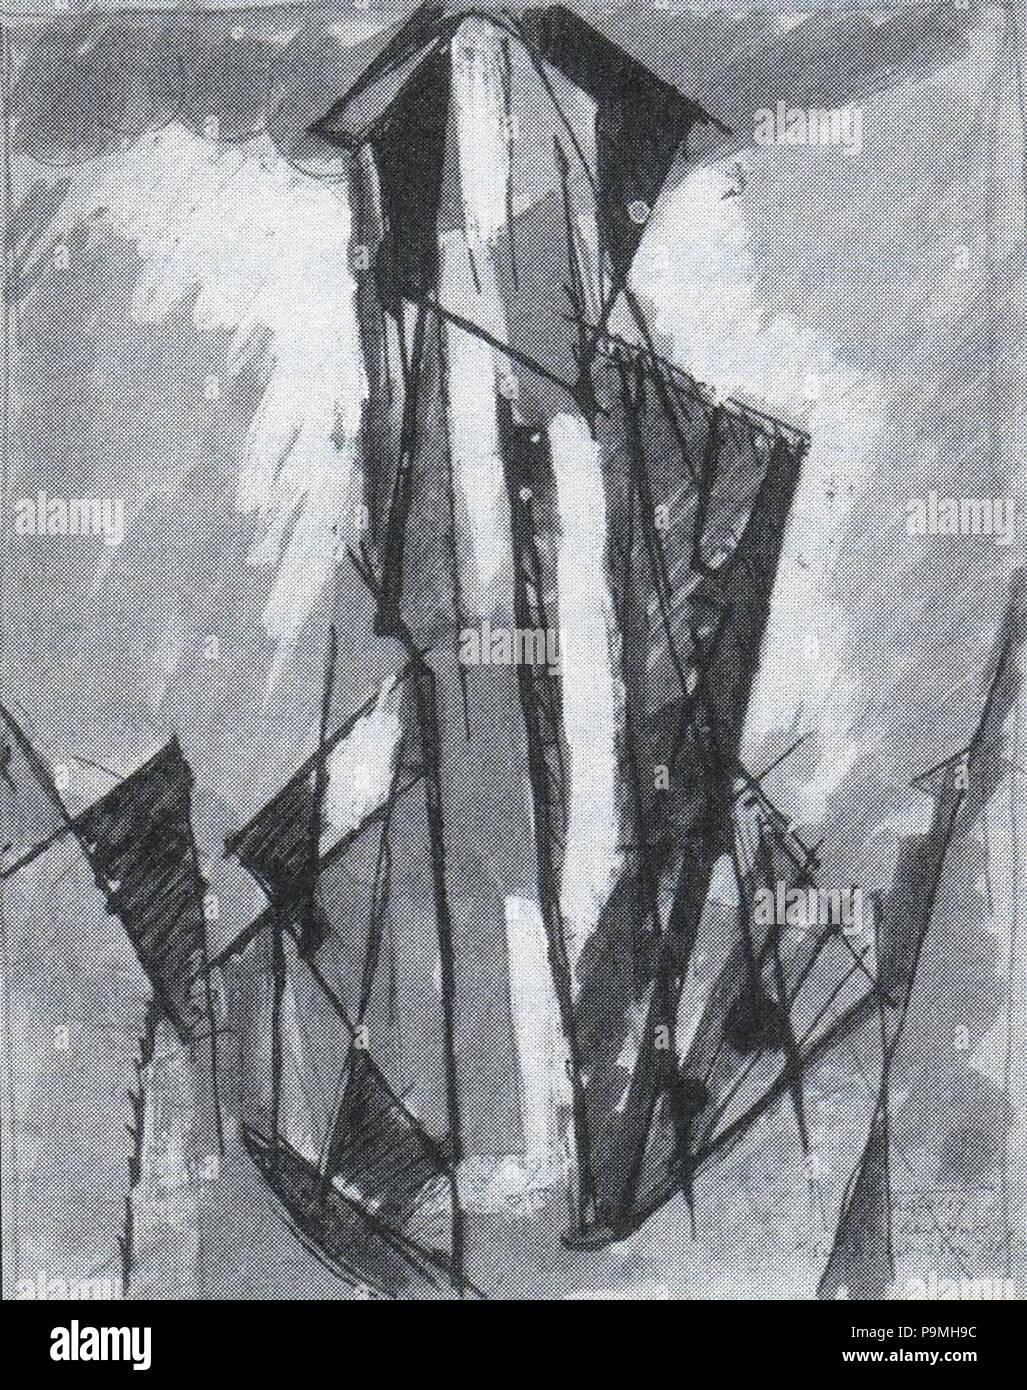 109 Albert Gleizes Sur le Flat-iron 1916 - Stock Image